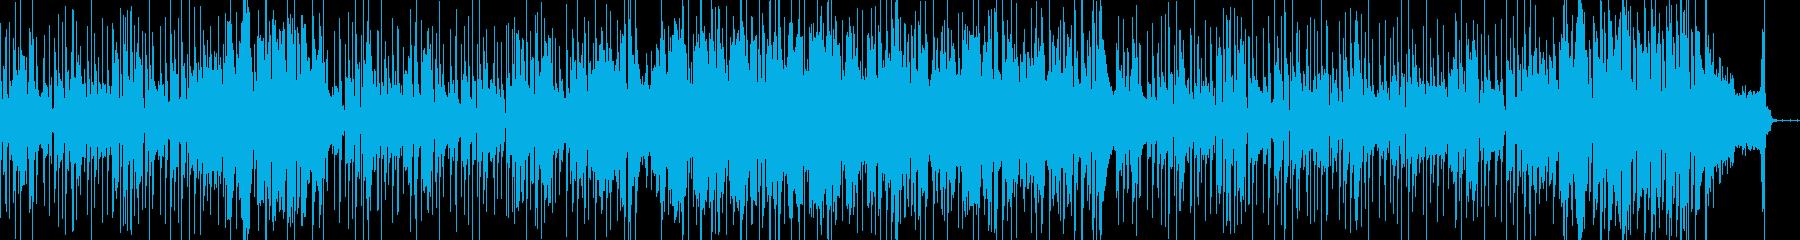 オシャレな弦楽器のシティポップの再生済みの波形